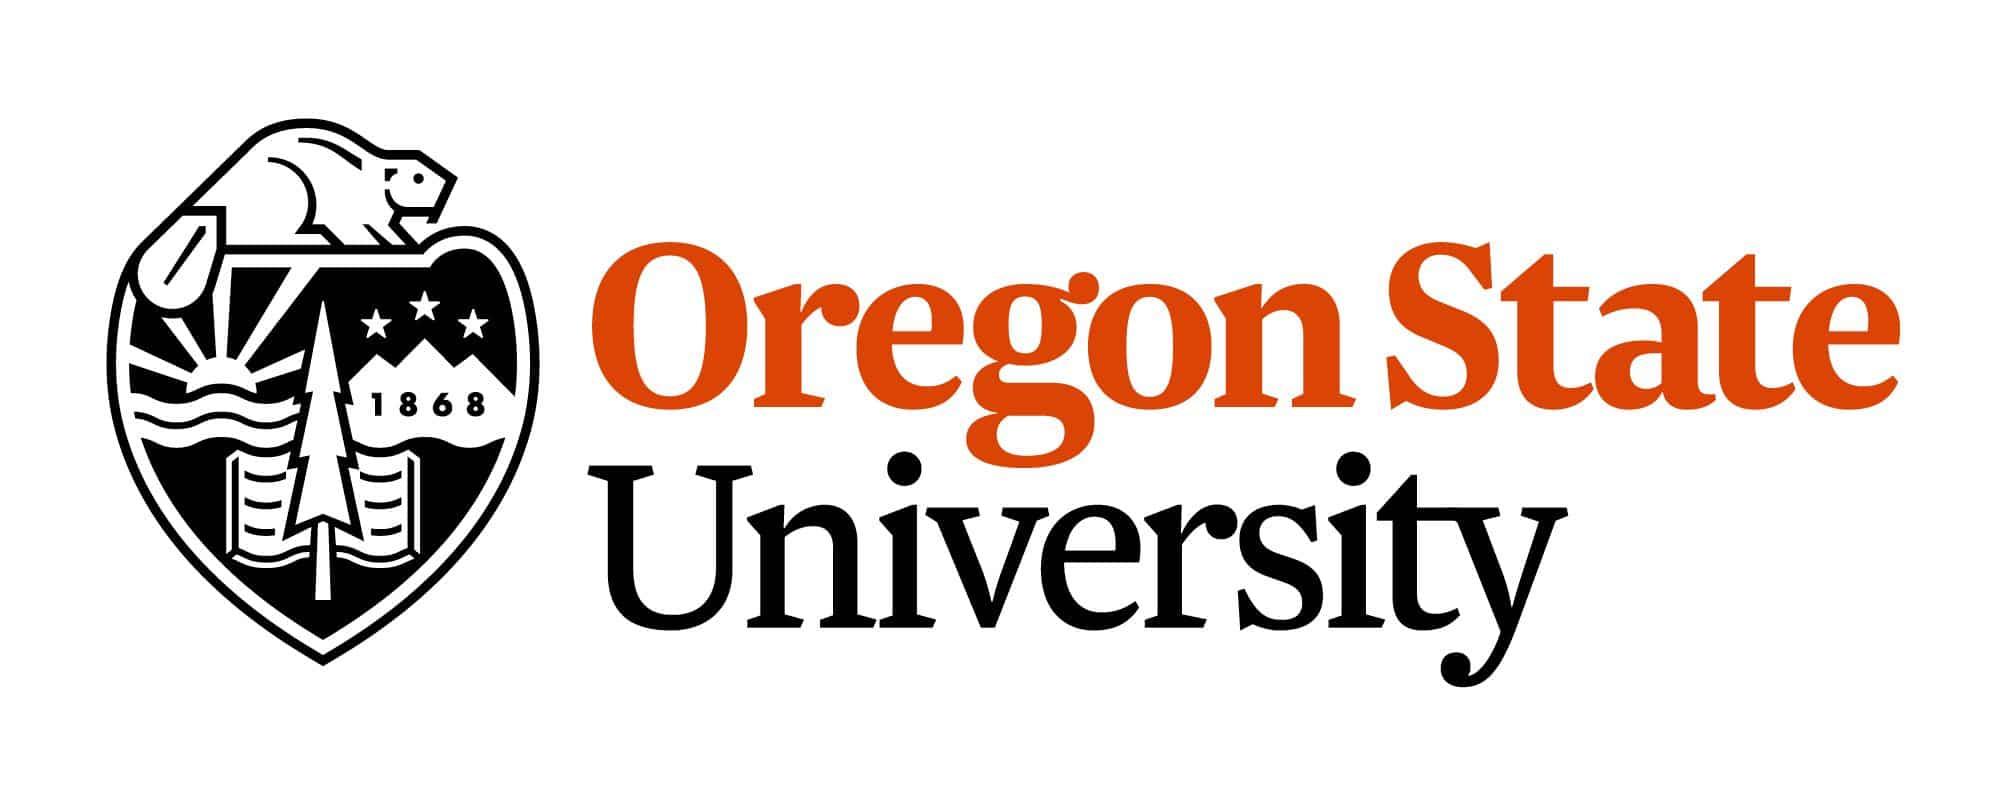 منح جامعة ولاية أوريغون لدراسة البكالوريوس في الولايات المتحدة الأمريكية 2021